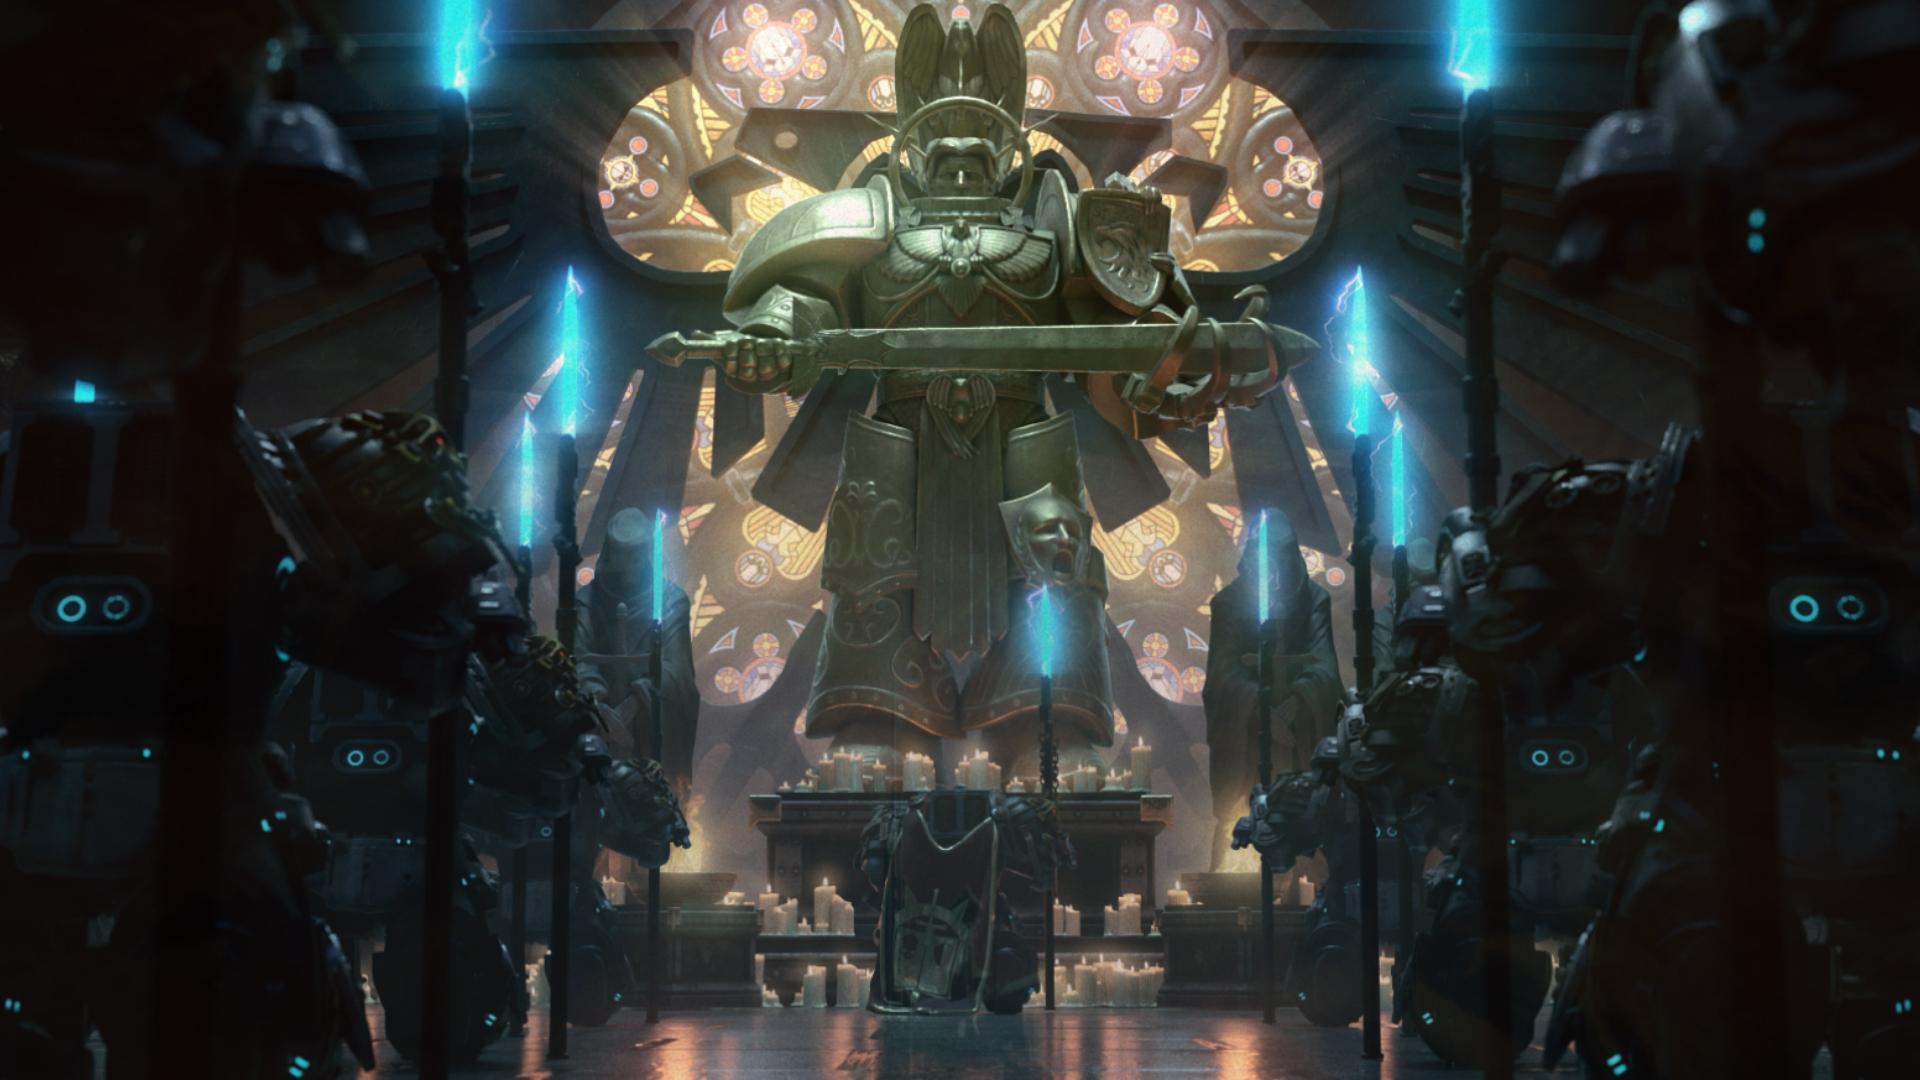 Warhammer 40k: Chaos Gate – Daemonhunters is Space Marine XCOM